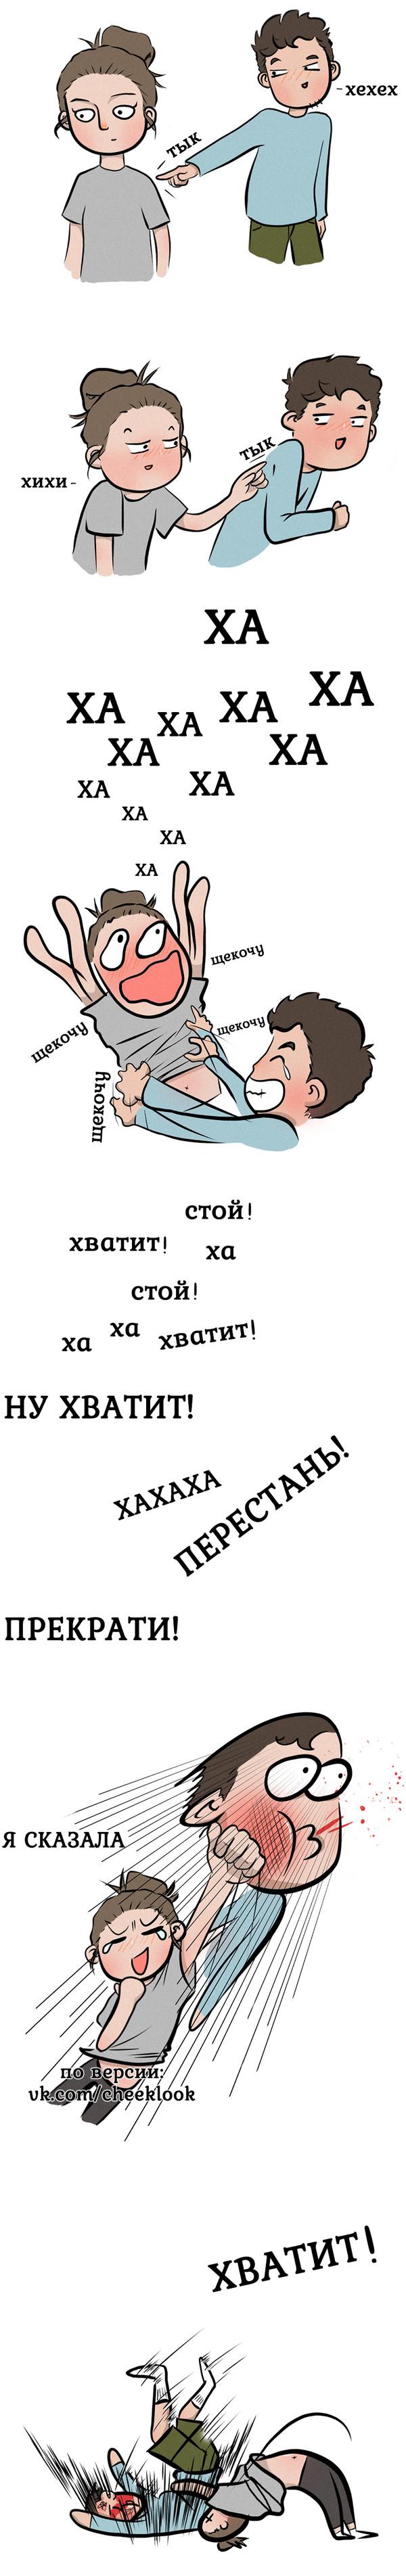 Когда не умеешь вовремя остановиться... Murrz - Tickle Monster Murrz, Комиксы, Щекотка, отношения, парень и девушка, длиннопост